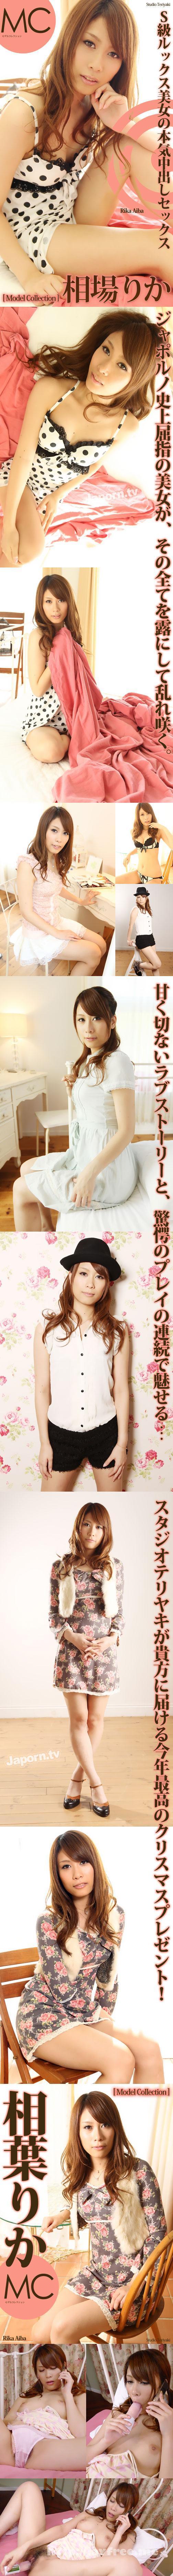 [PT 87] モデルコレクション : 相葉りか 相葉りか Rika Aiba PT